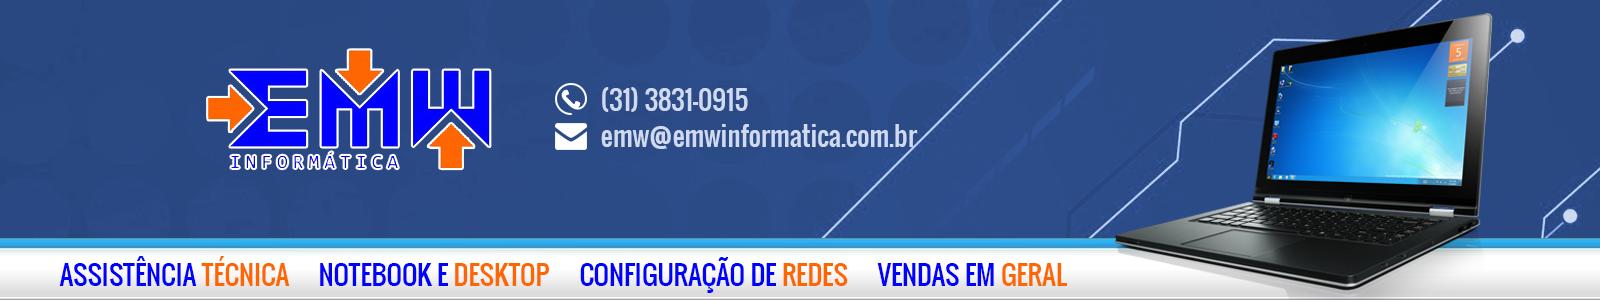 EMW Informática